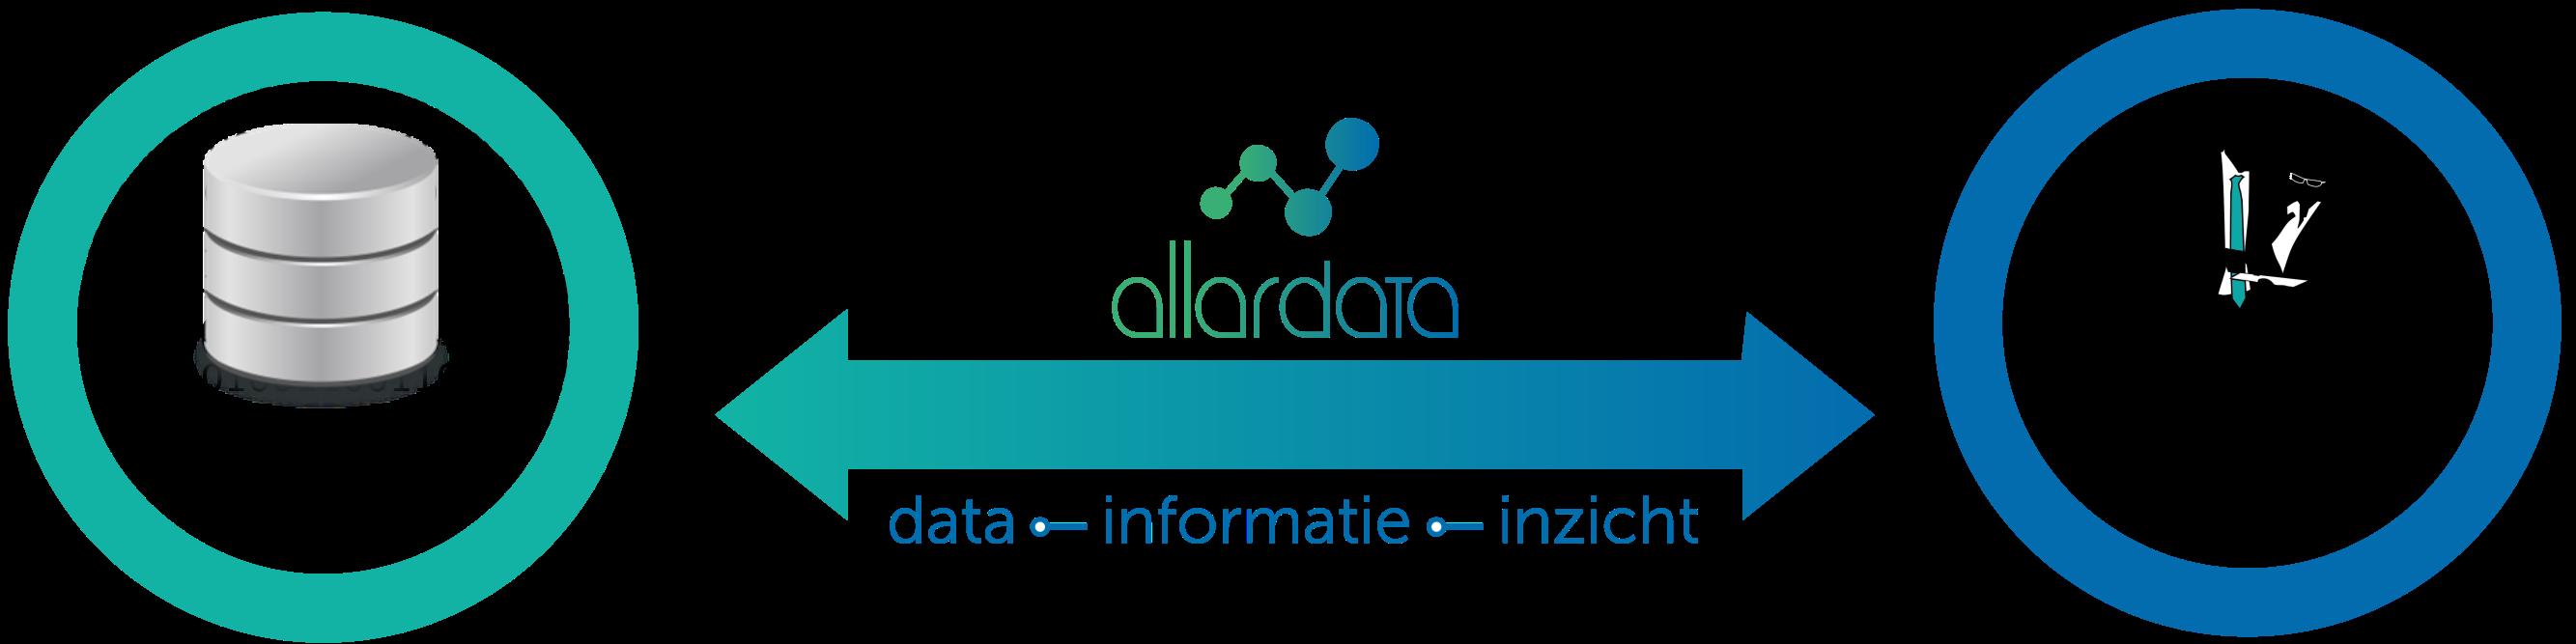 Allardata helpt een brug te slaan tussen Data en Mensen